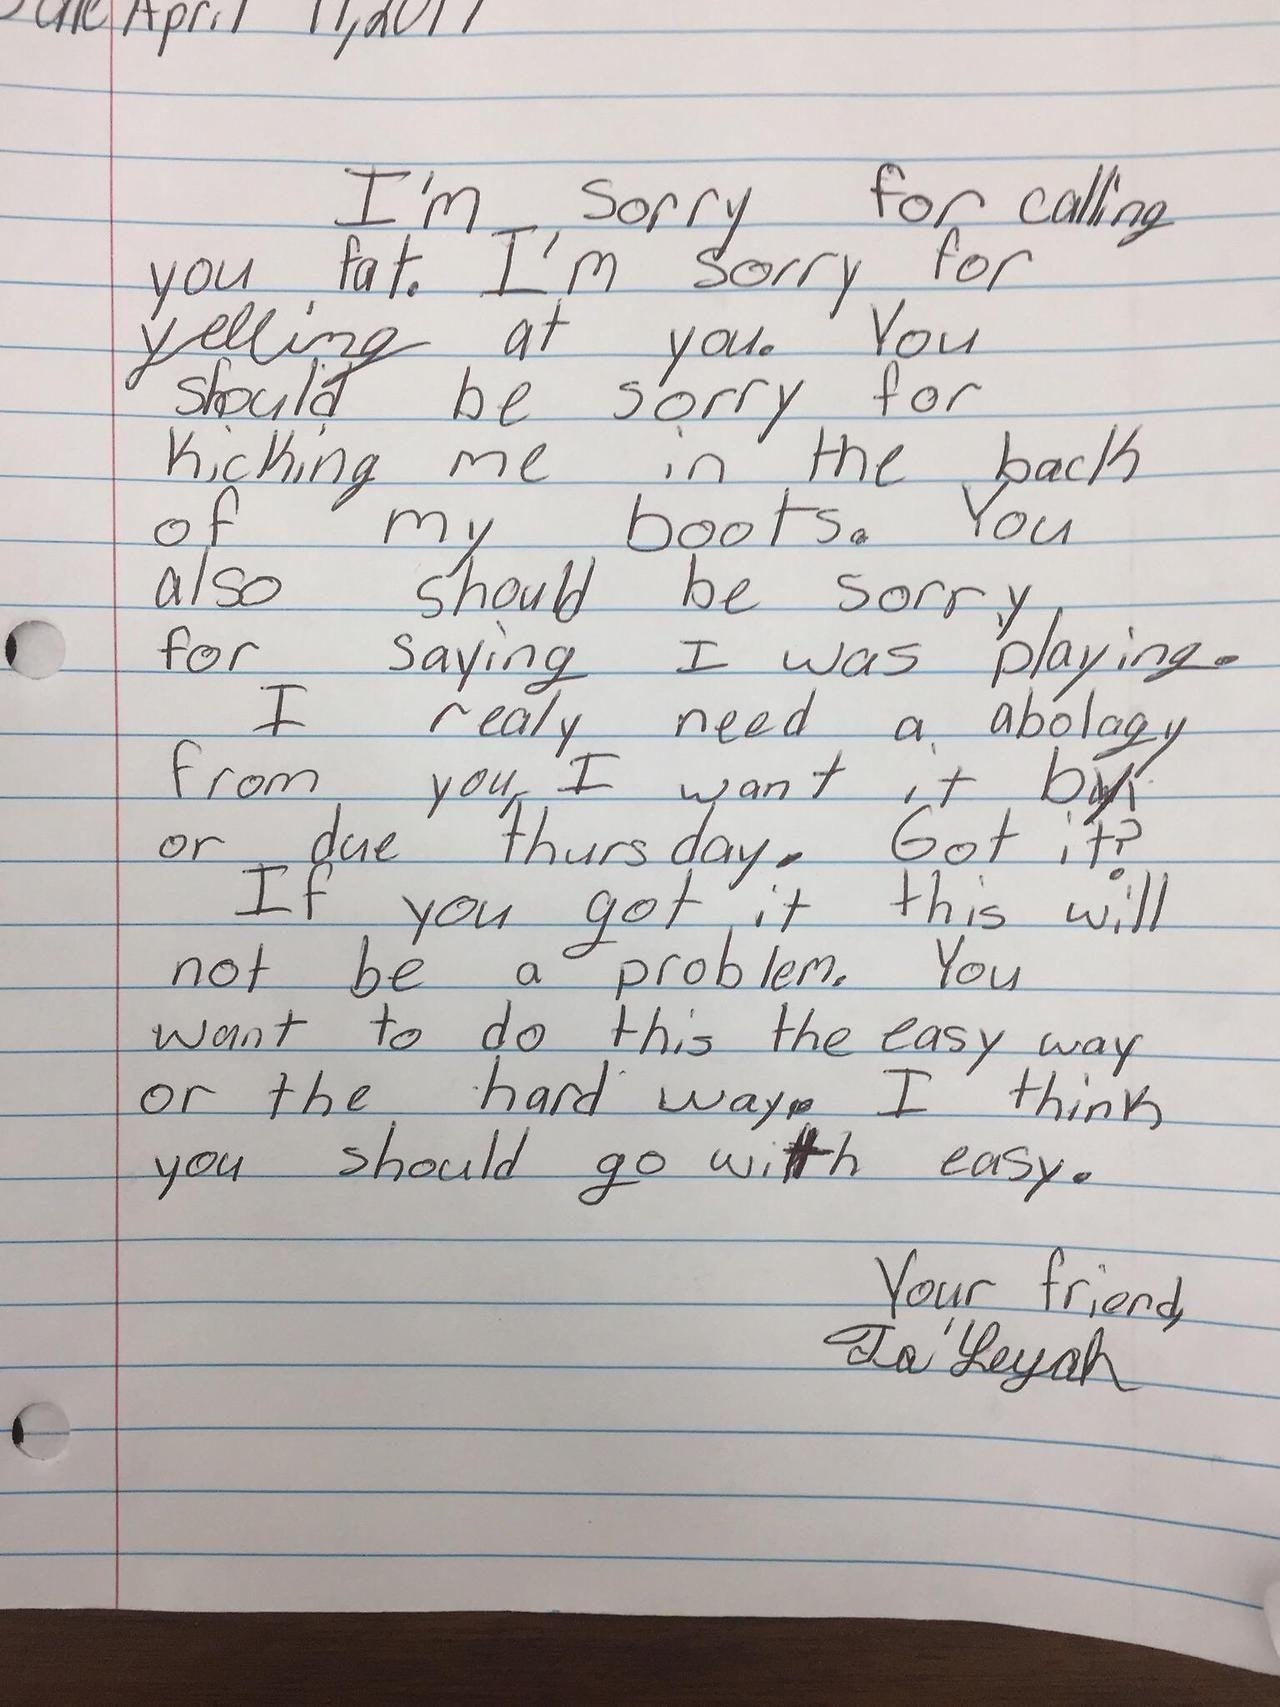 My friend is a 3rd grade teacher He made a student write an